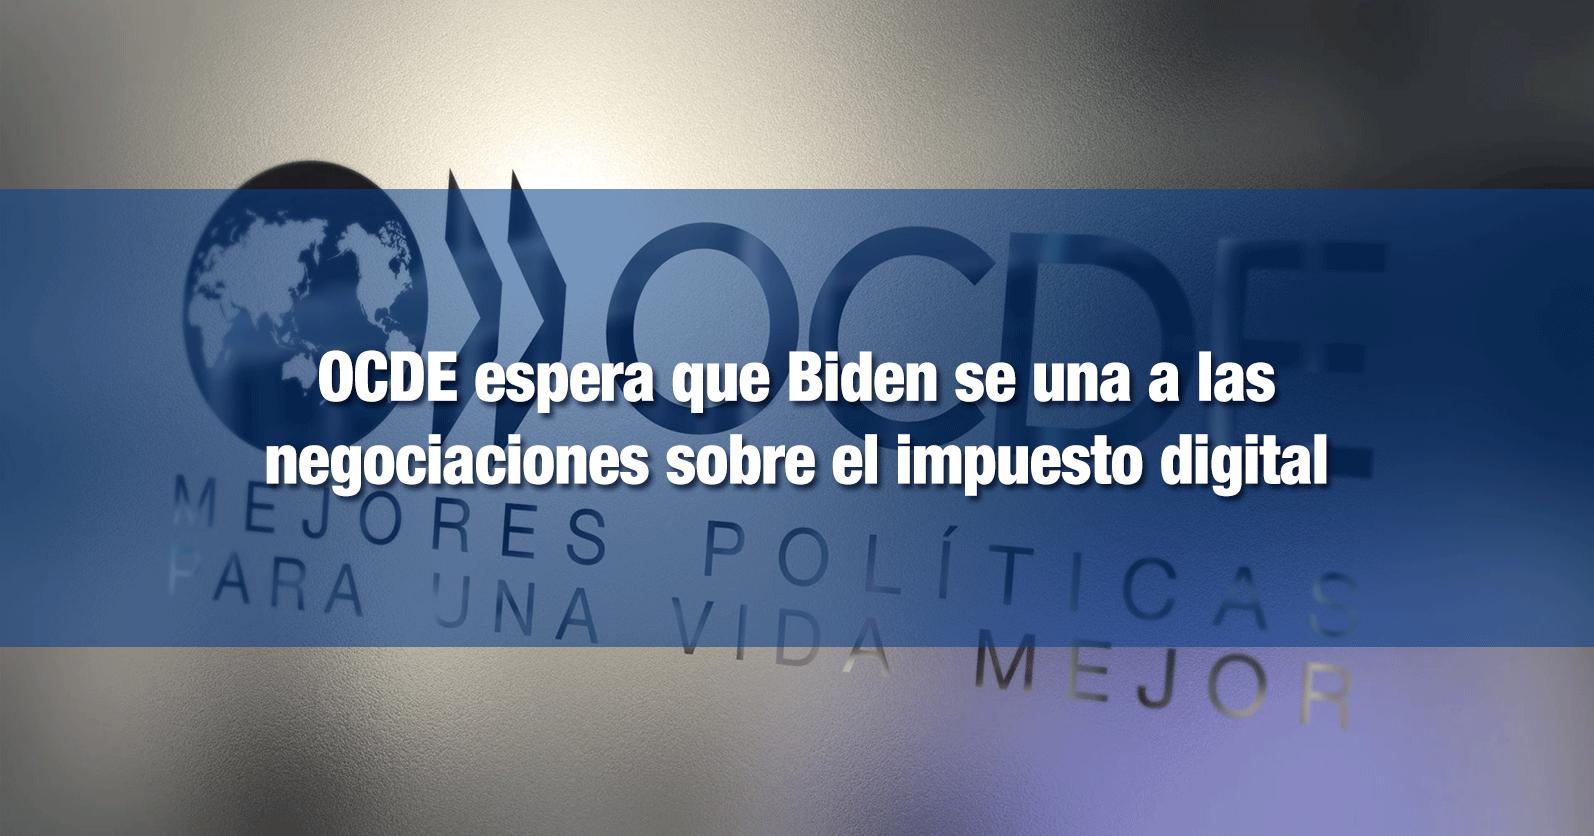 OCDE espera que Biden se una a las negociaciones sobre el impuesto digital